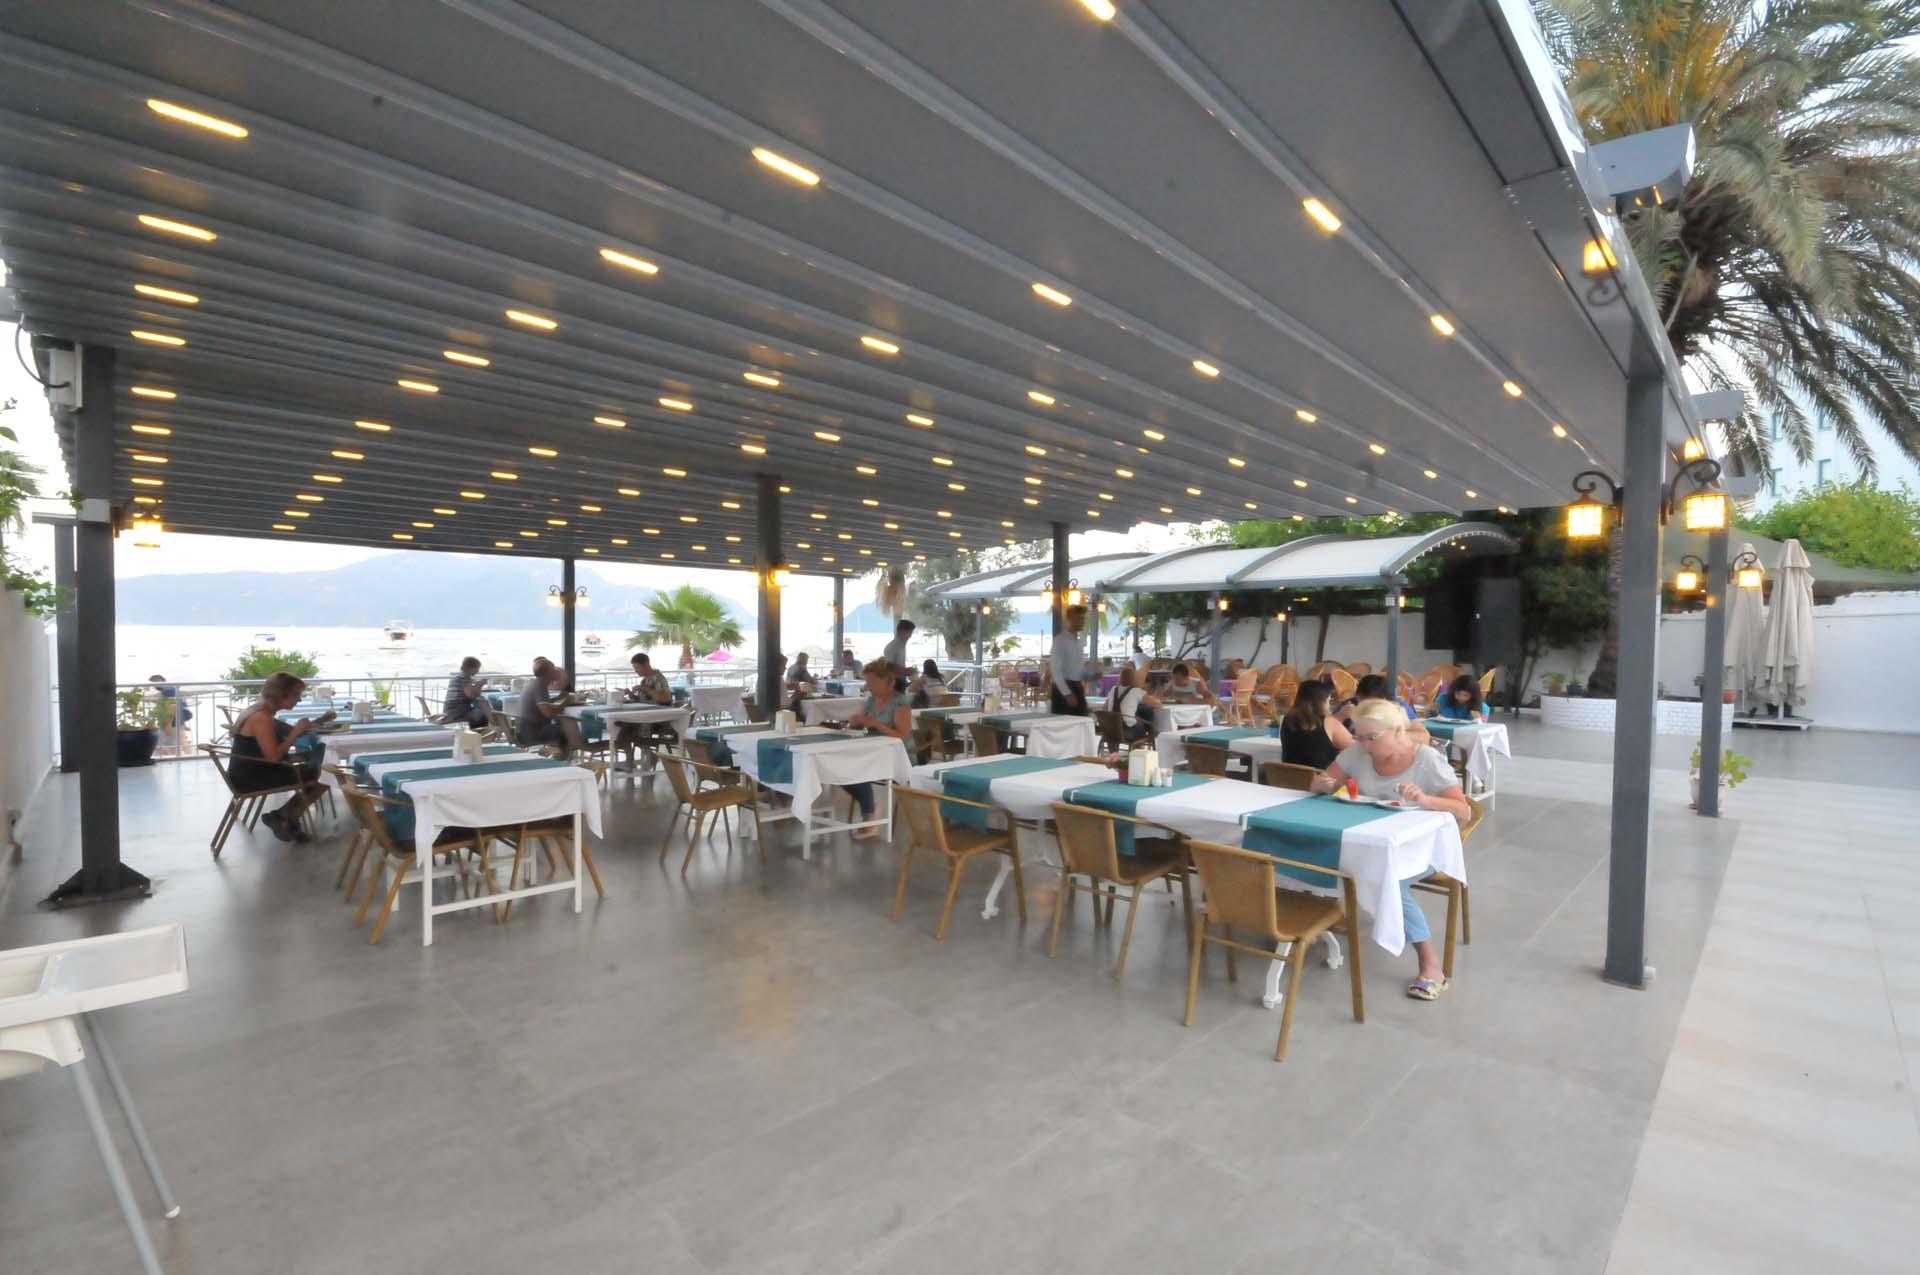 Letovanje Turska autobusom, Marmaris,Hotel Amos Marmaris bašta